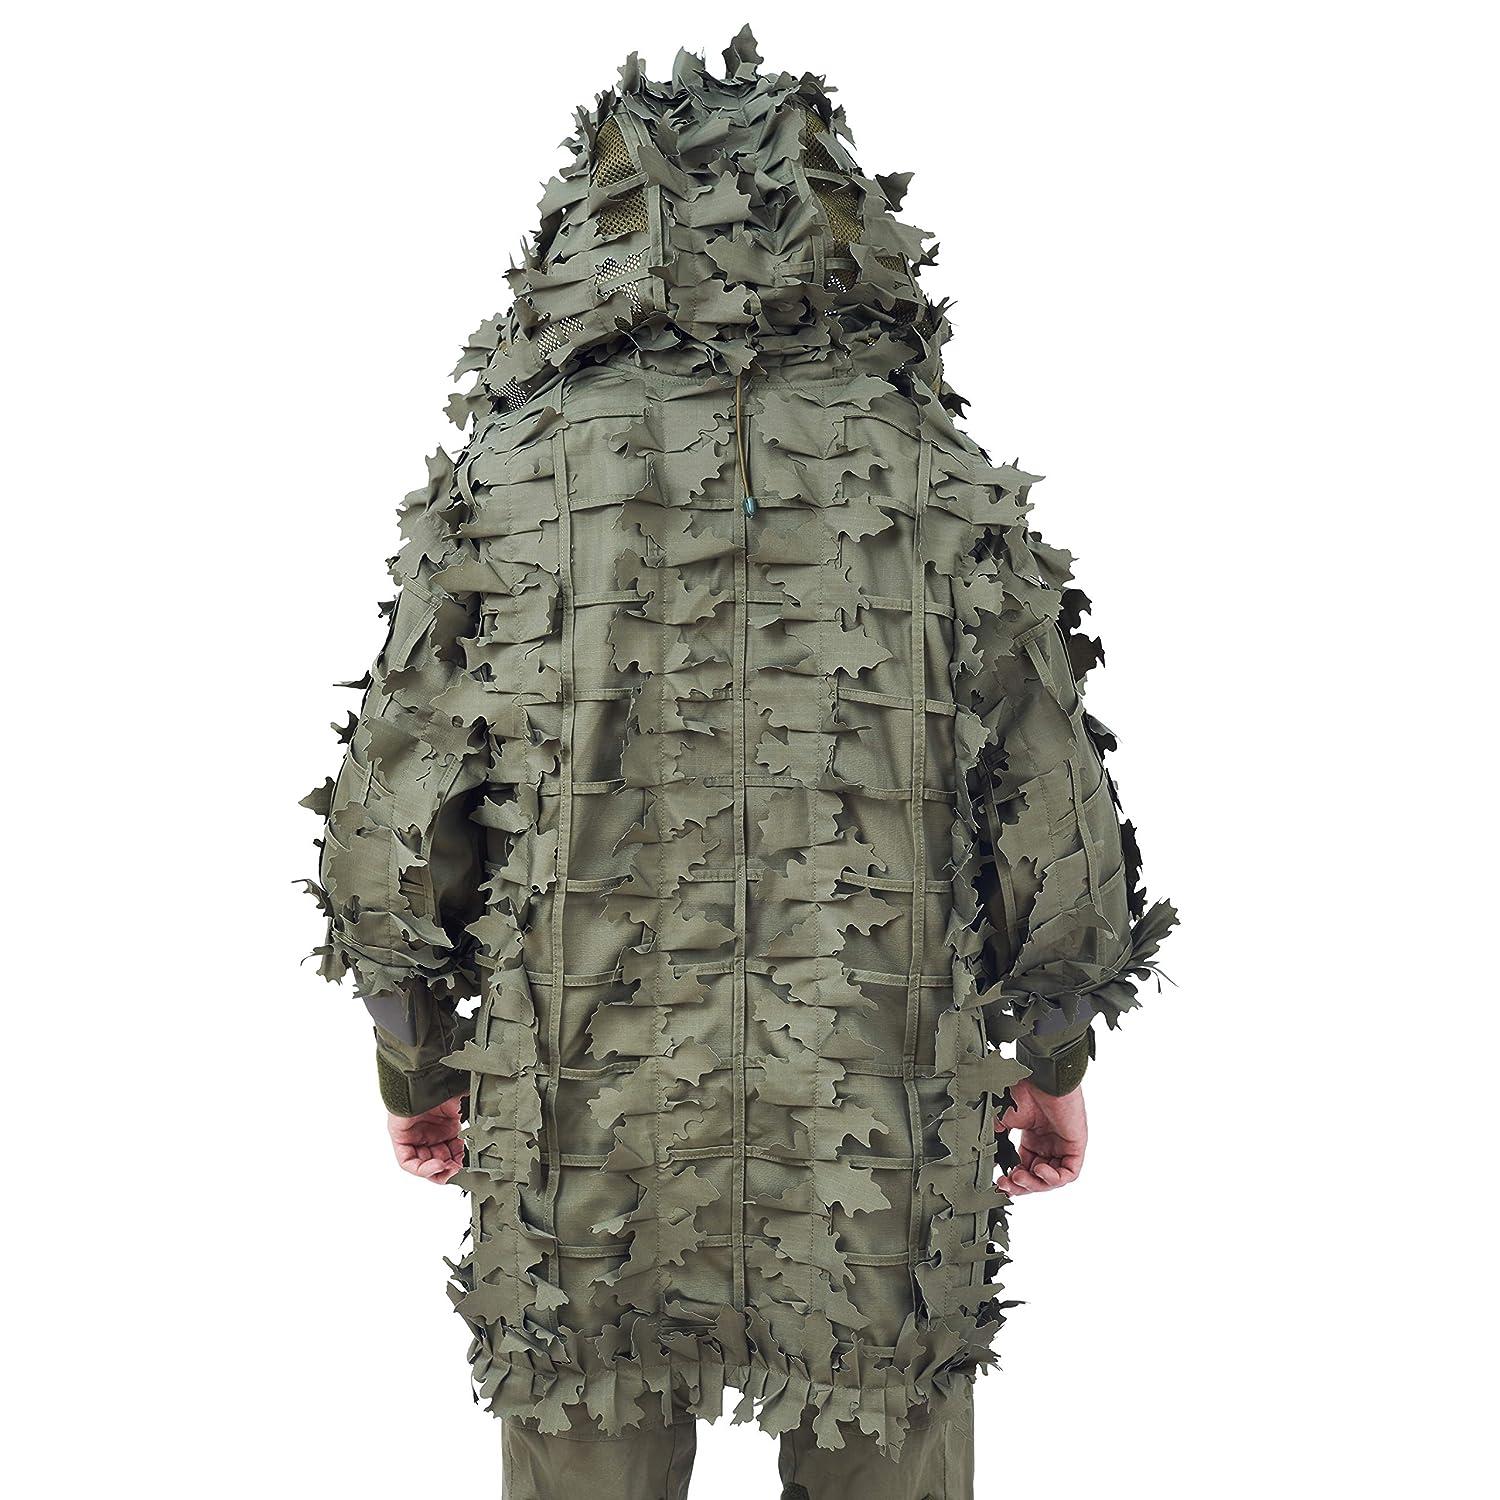 Giena Tactics Ghillie Suit Alligator 3D Russian Sniper Coats//Viper Hoods